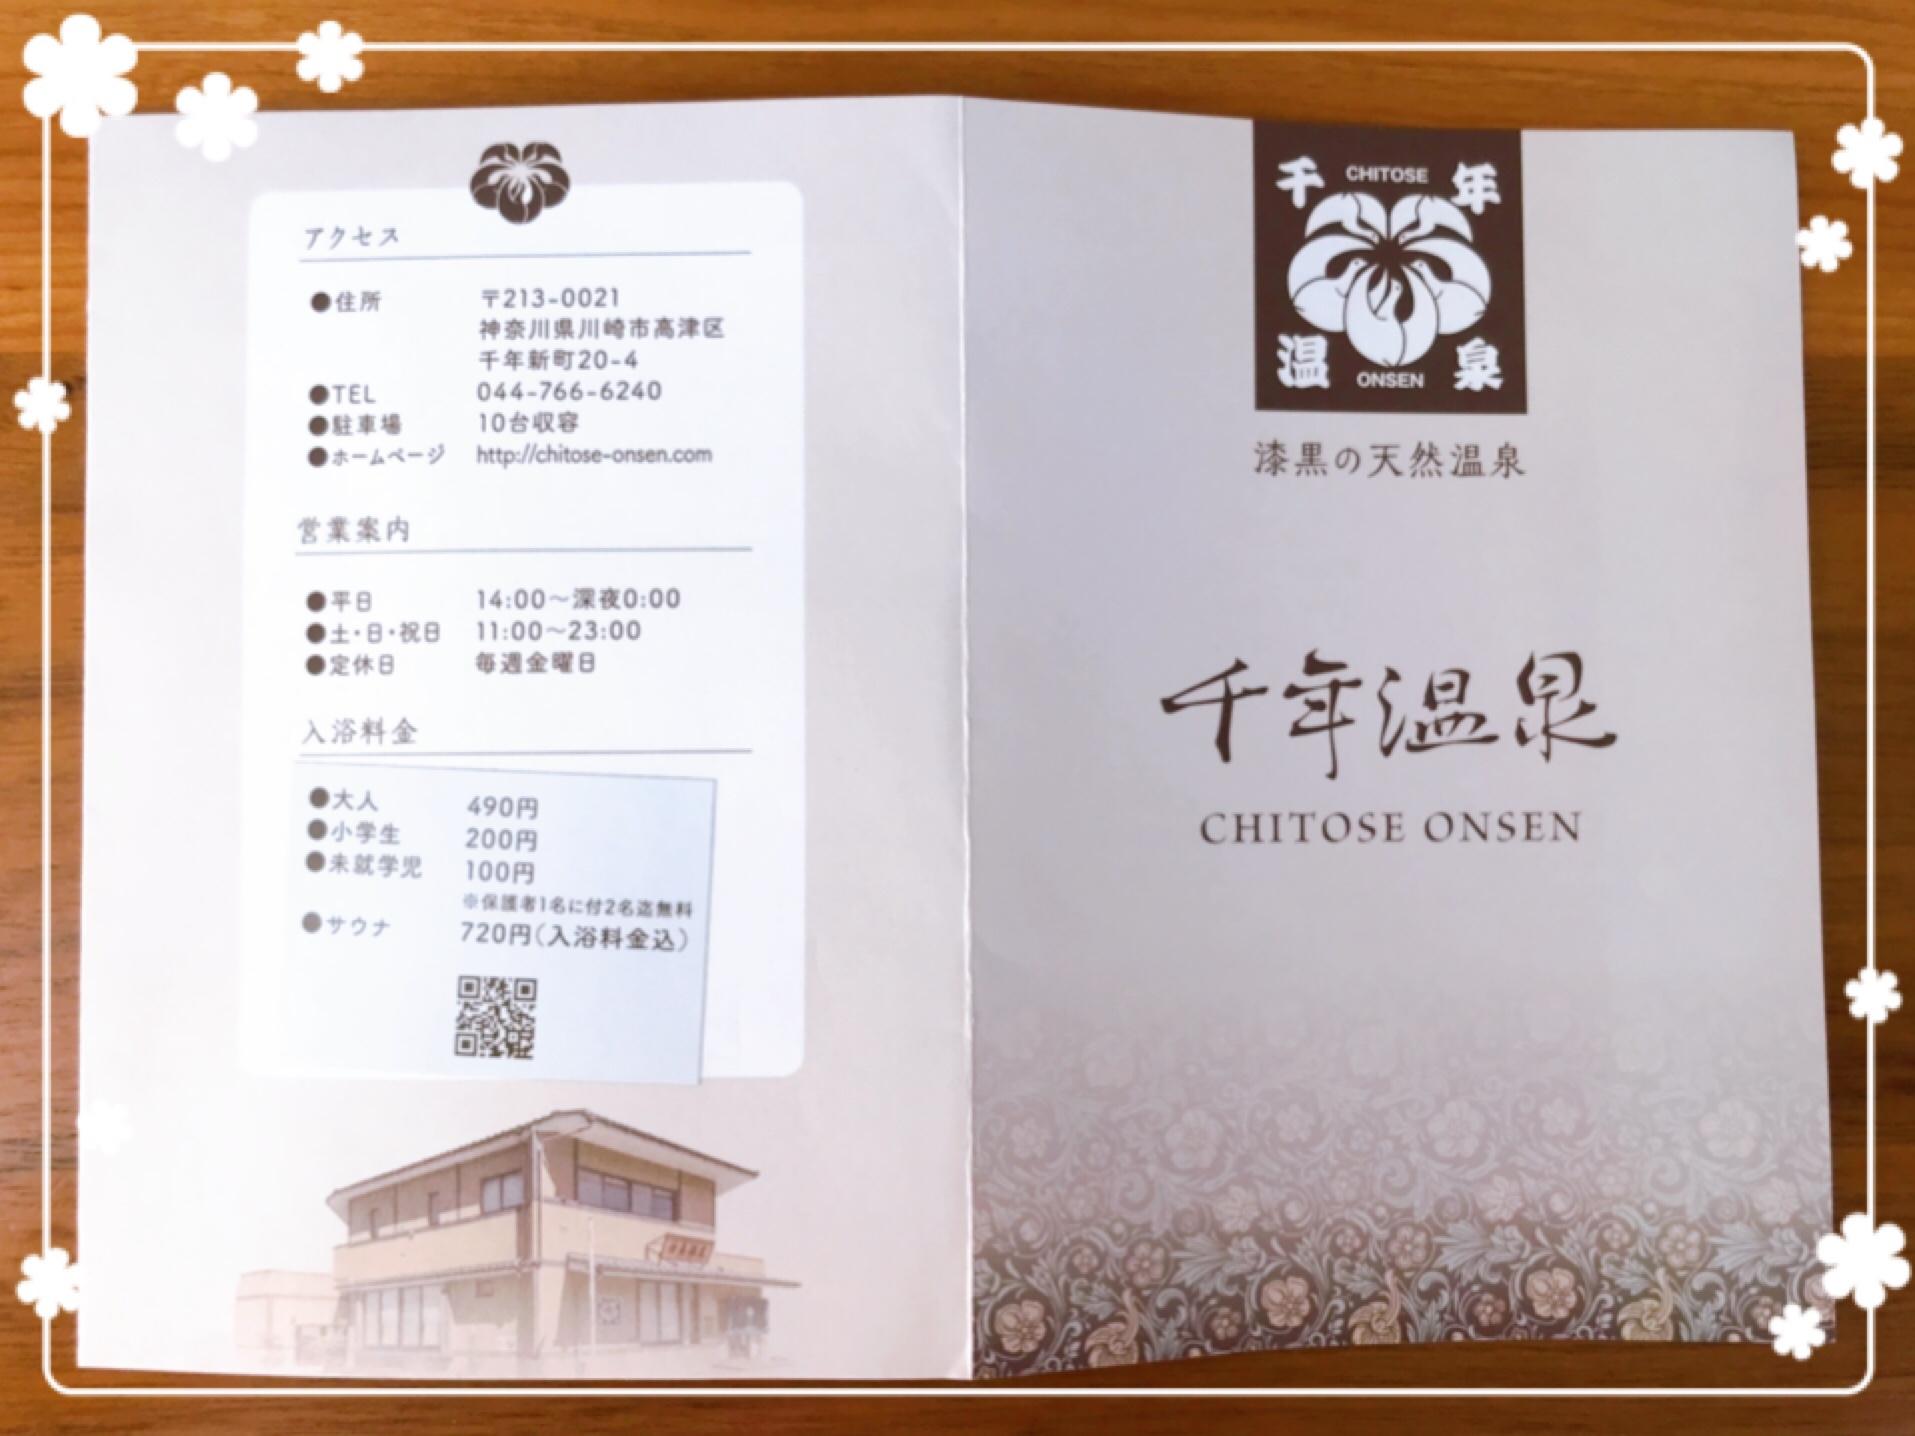 武蔵新城 ワンコイン温泉銭湯